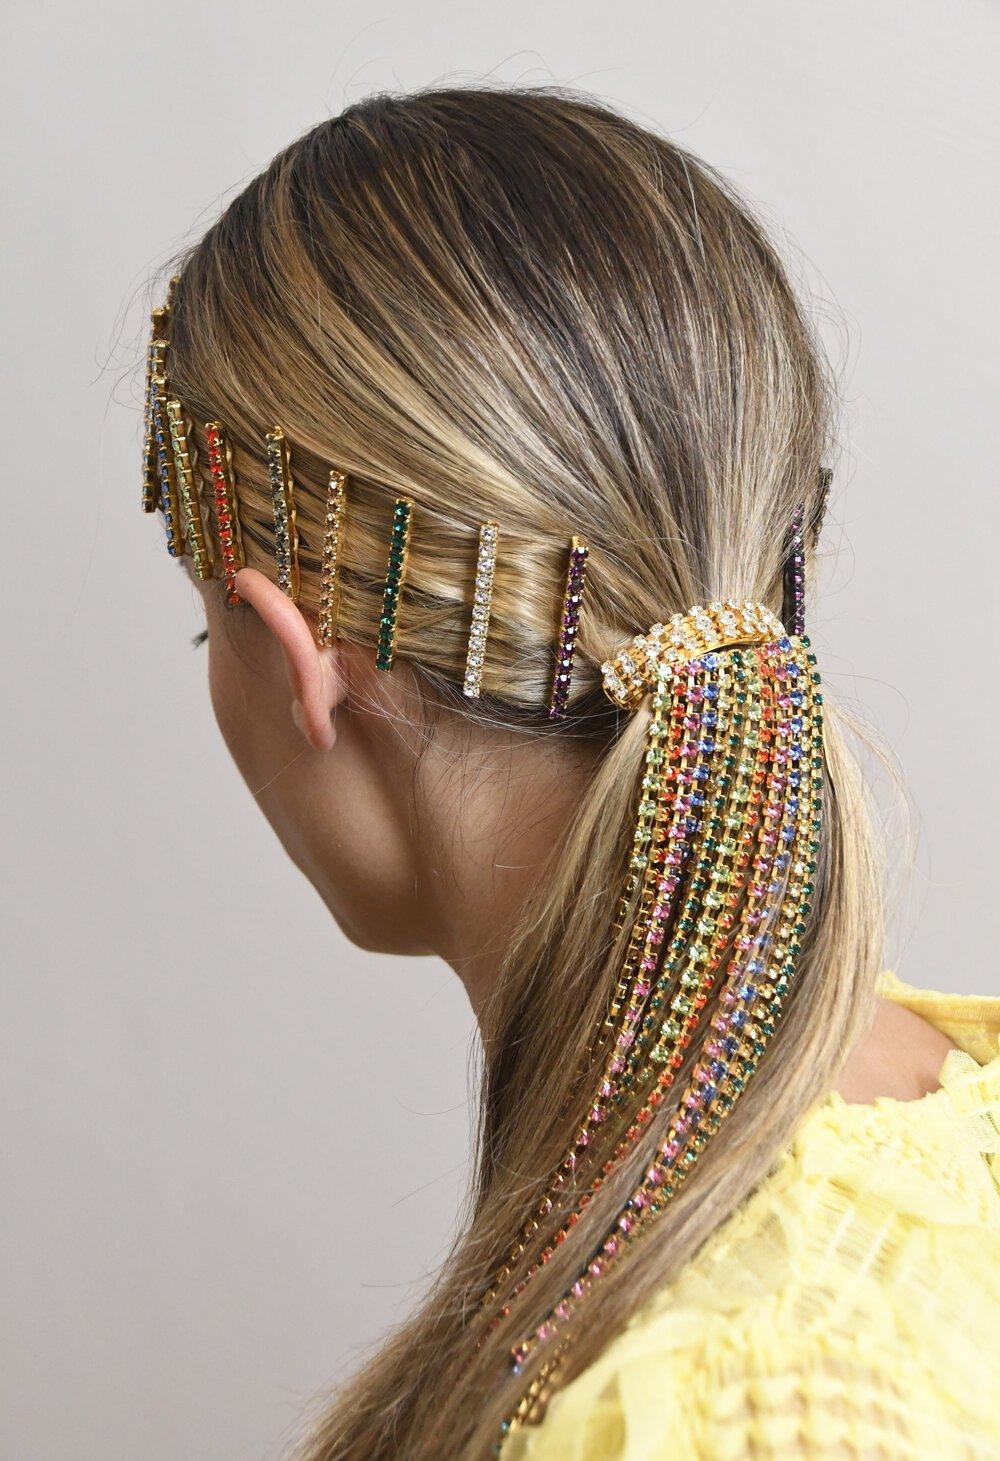 Phụ kiện tóc nhiều màu dạng chuỗi